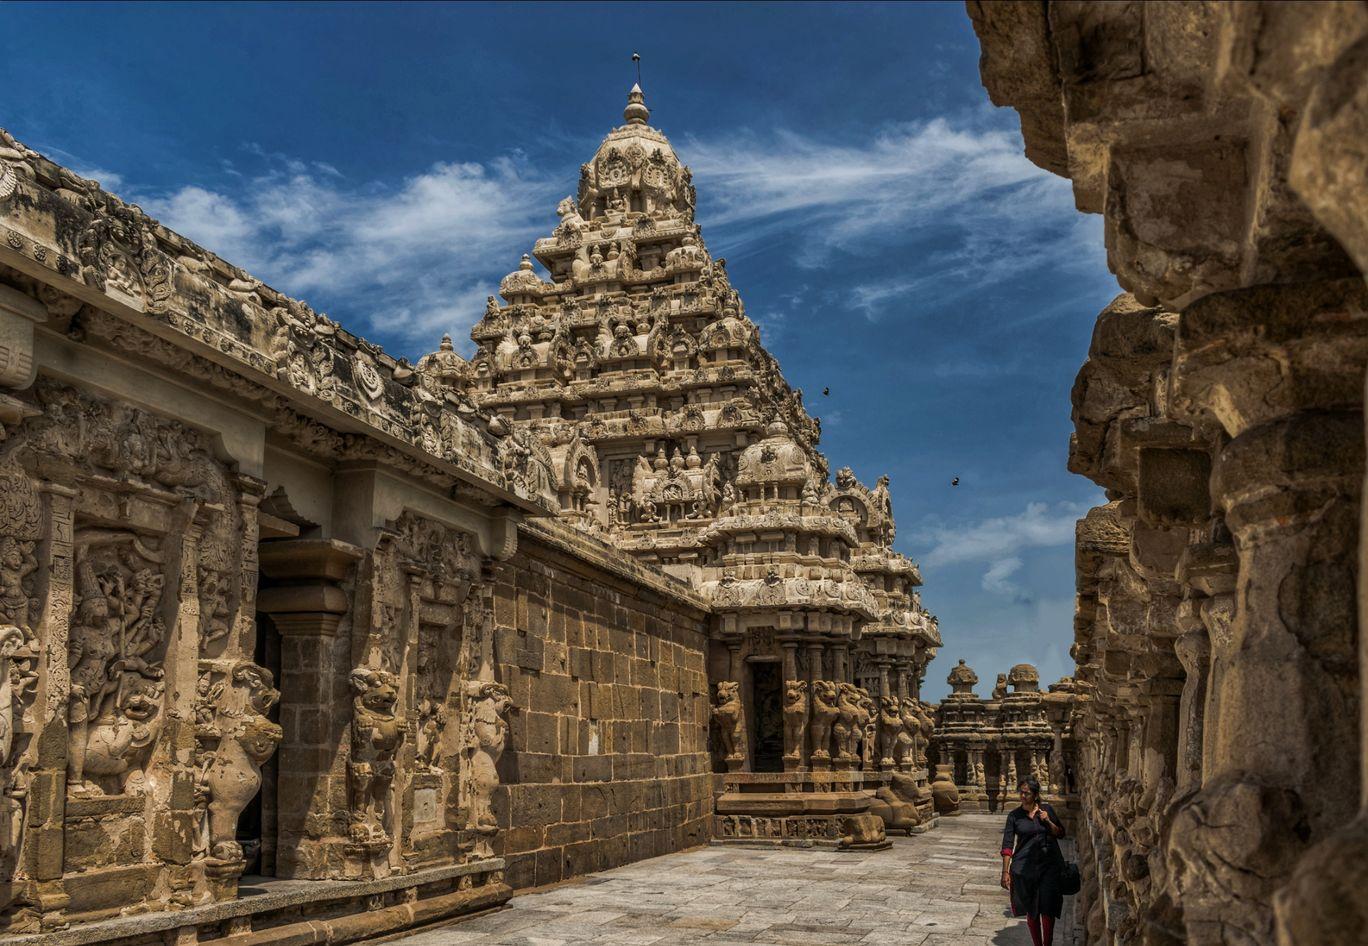 Photo of Kanchipuram By Praneeth Gatreddy